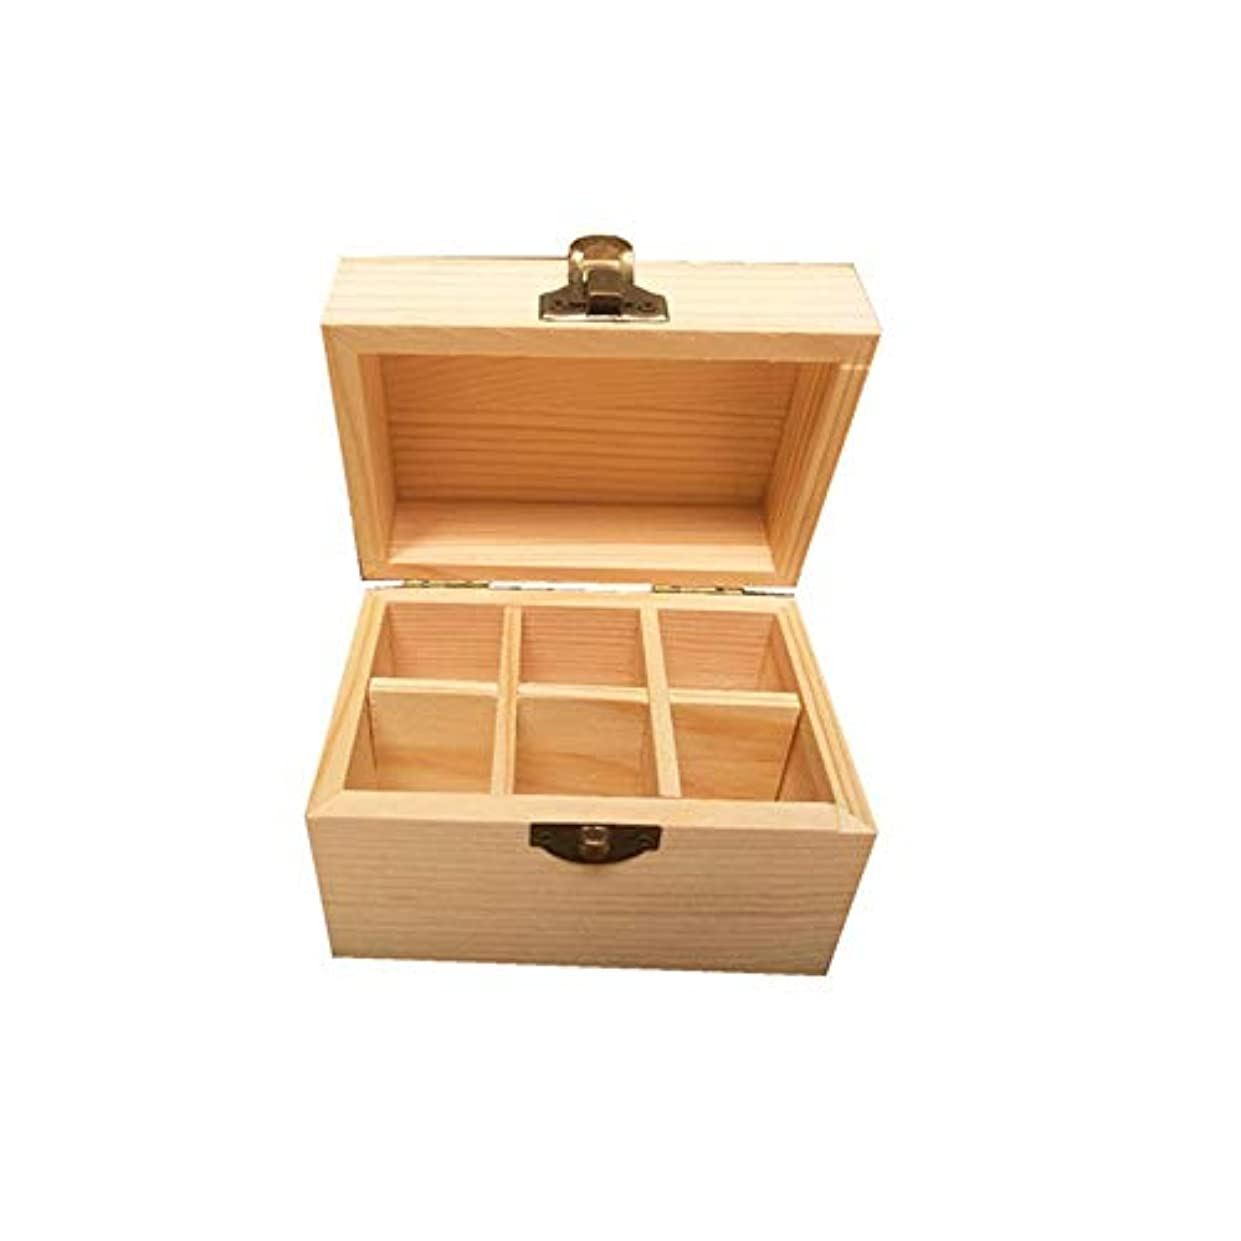 提供するジェーンオースティン不正確精油ケース 6ボトル木製エッセンシャルオイルストレージボックスパーフェクトエッセンシャルオイルケース 携帯便利 (色 : Natural, サイズ : 12X8X8.5CM)